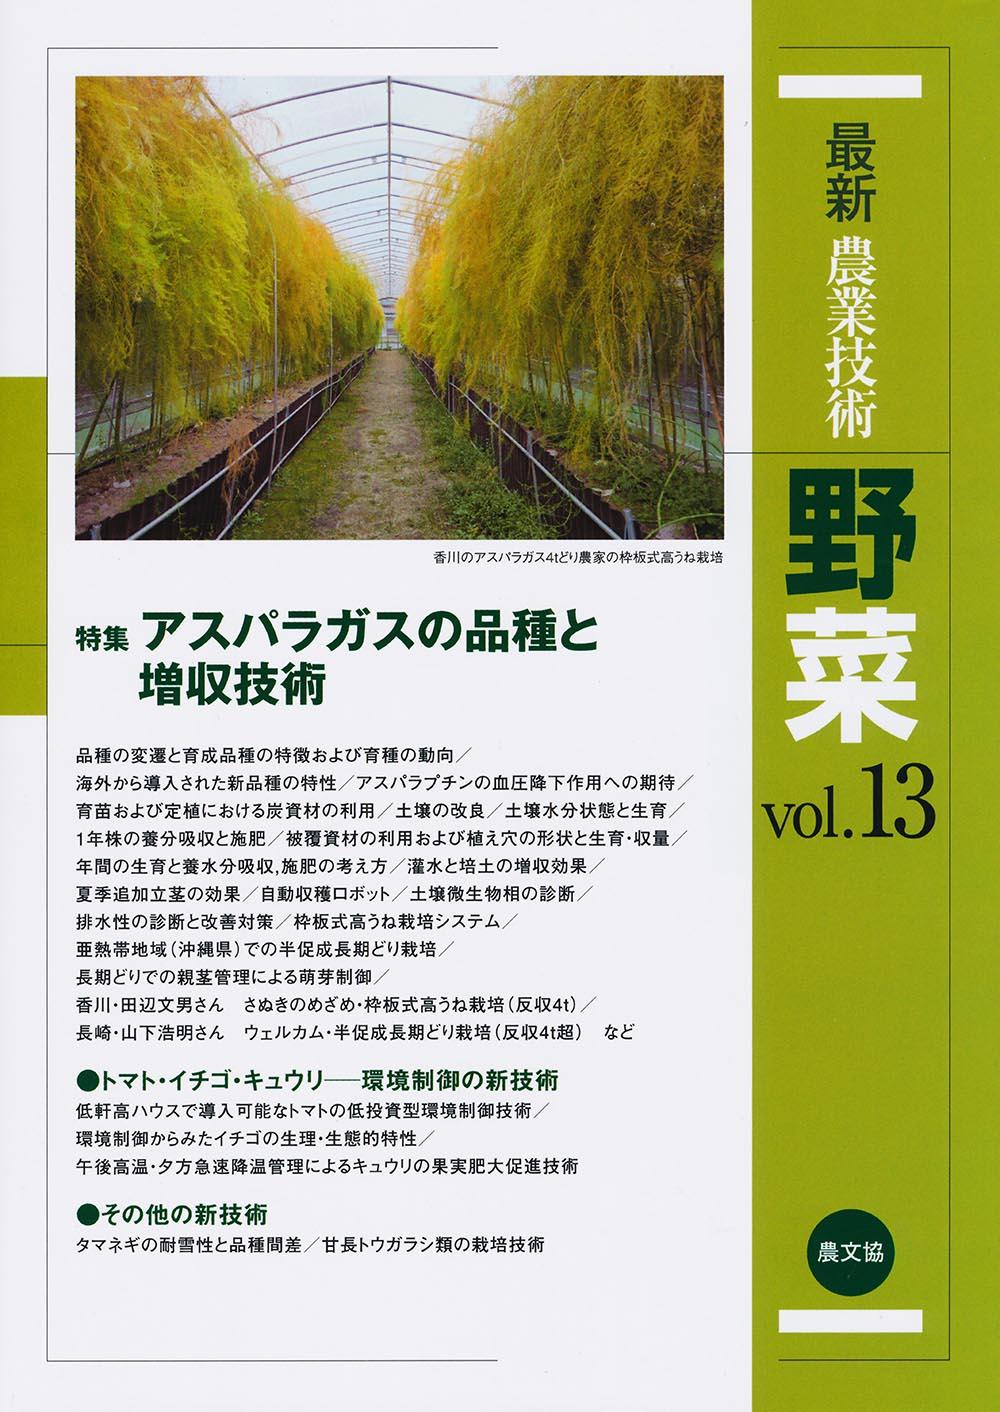 最新農業技術 野菜 vol.13